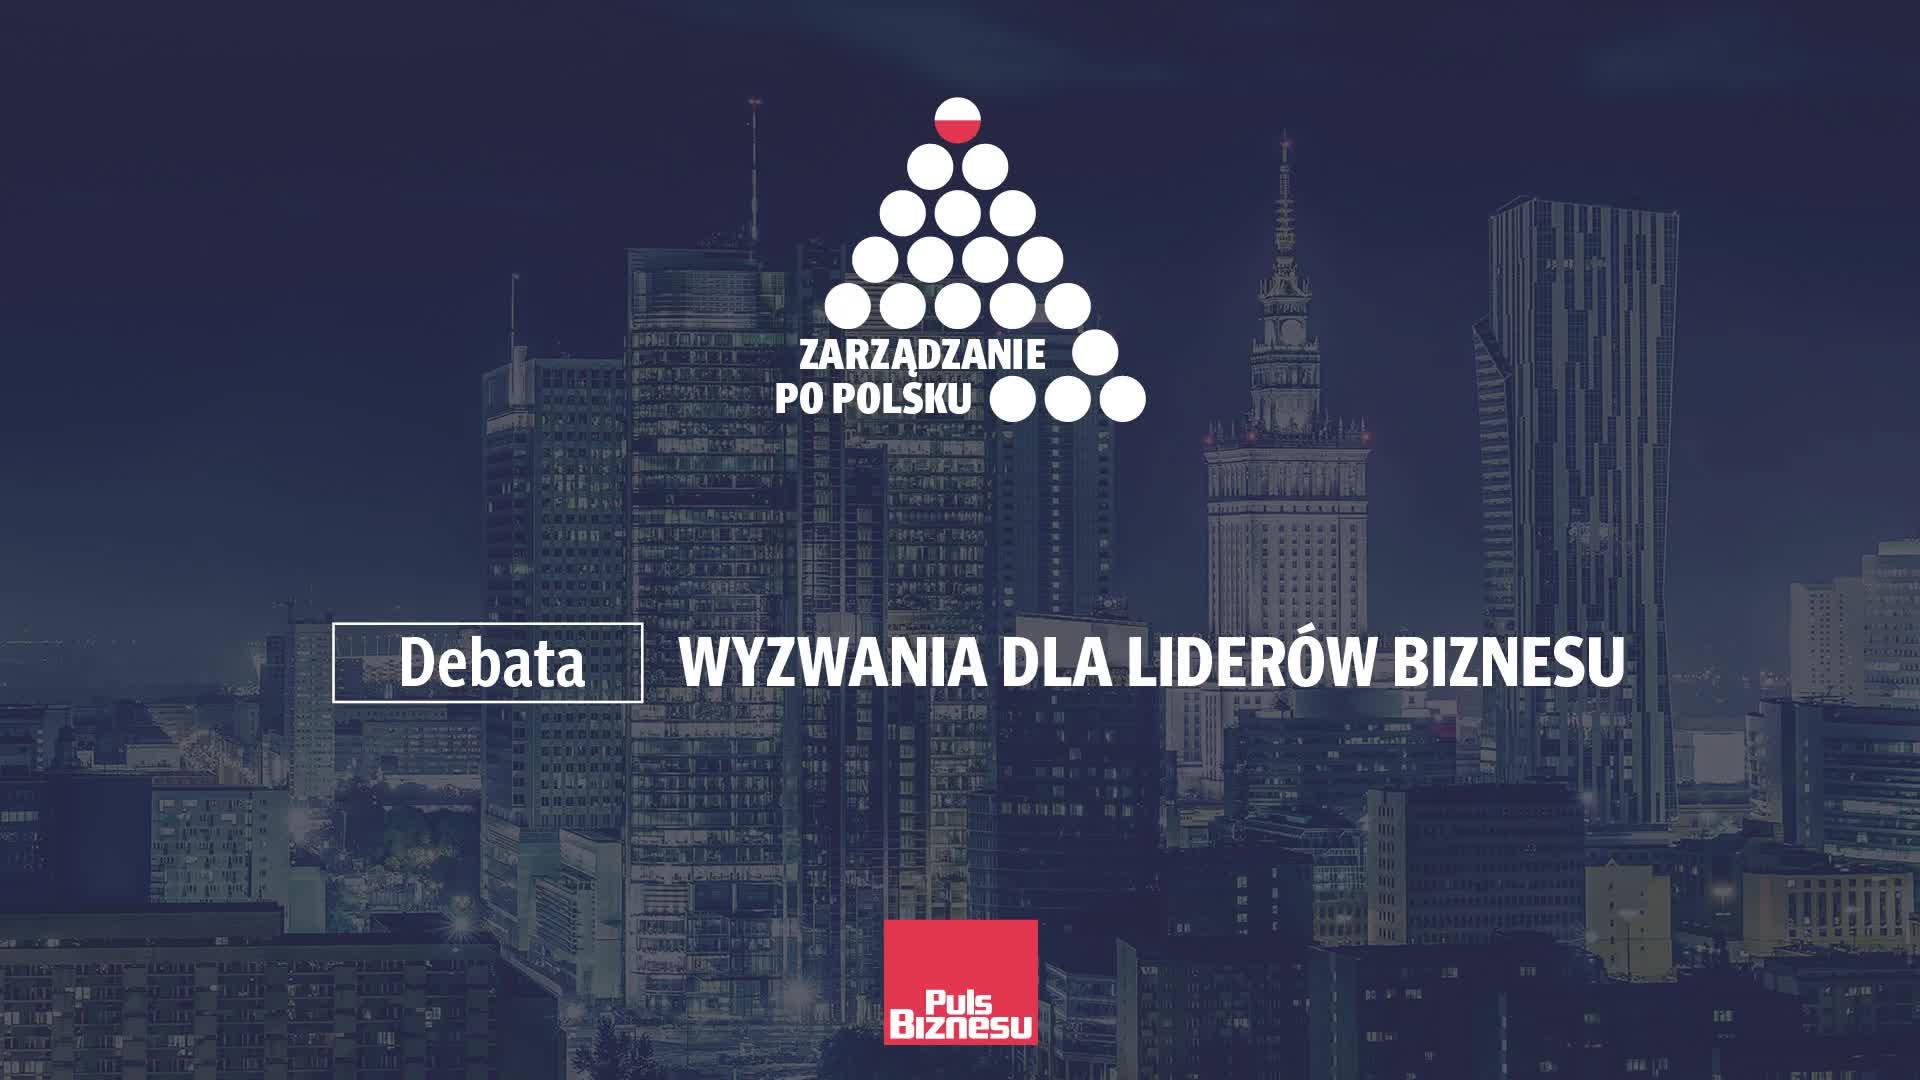 Debata: Wyzwania dla liderów biznesu